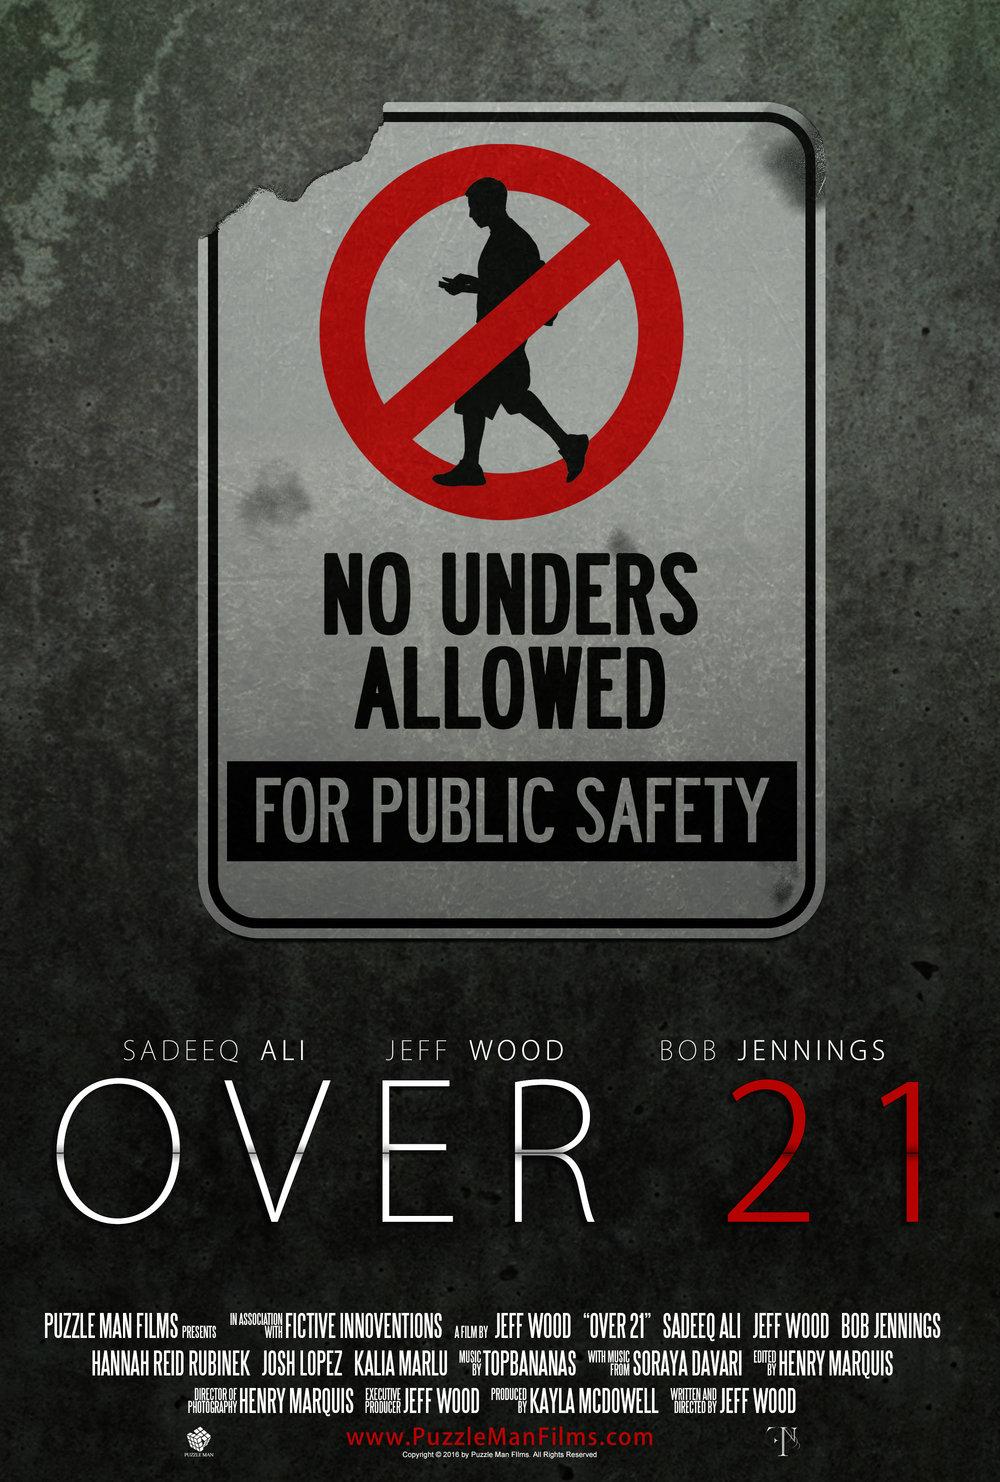 Over21_poster-1.jpg